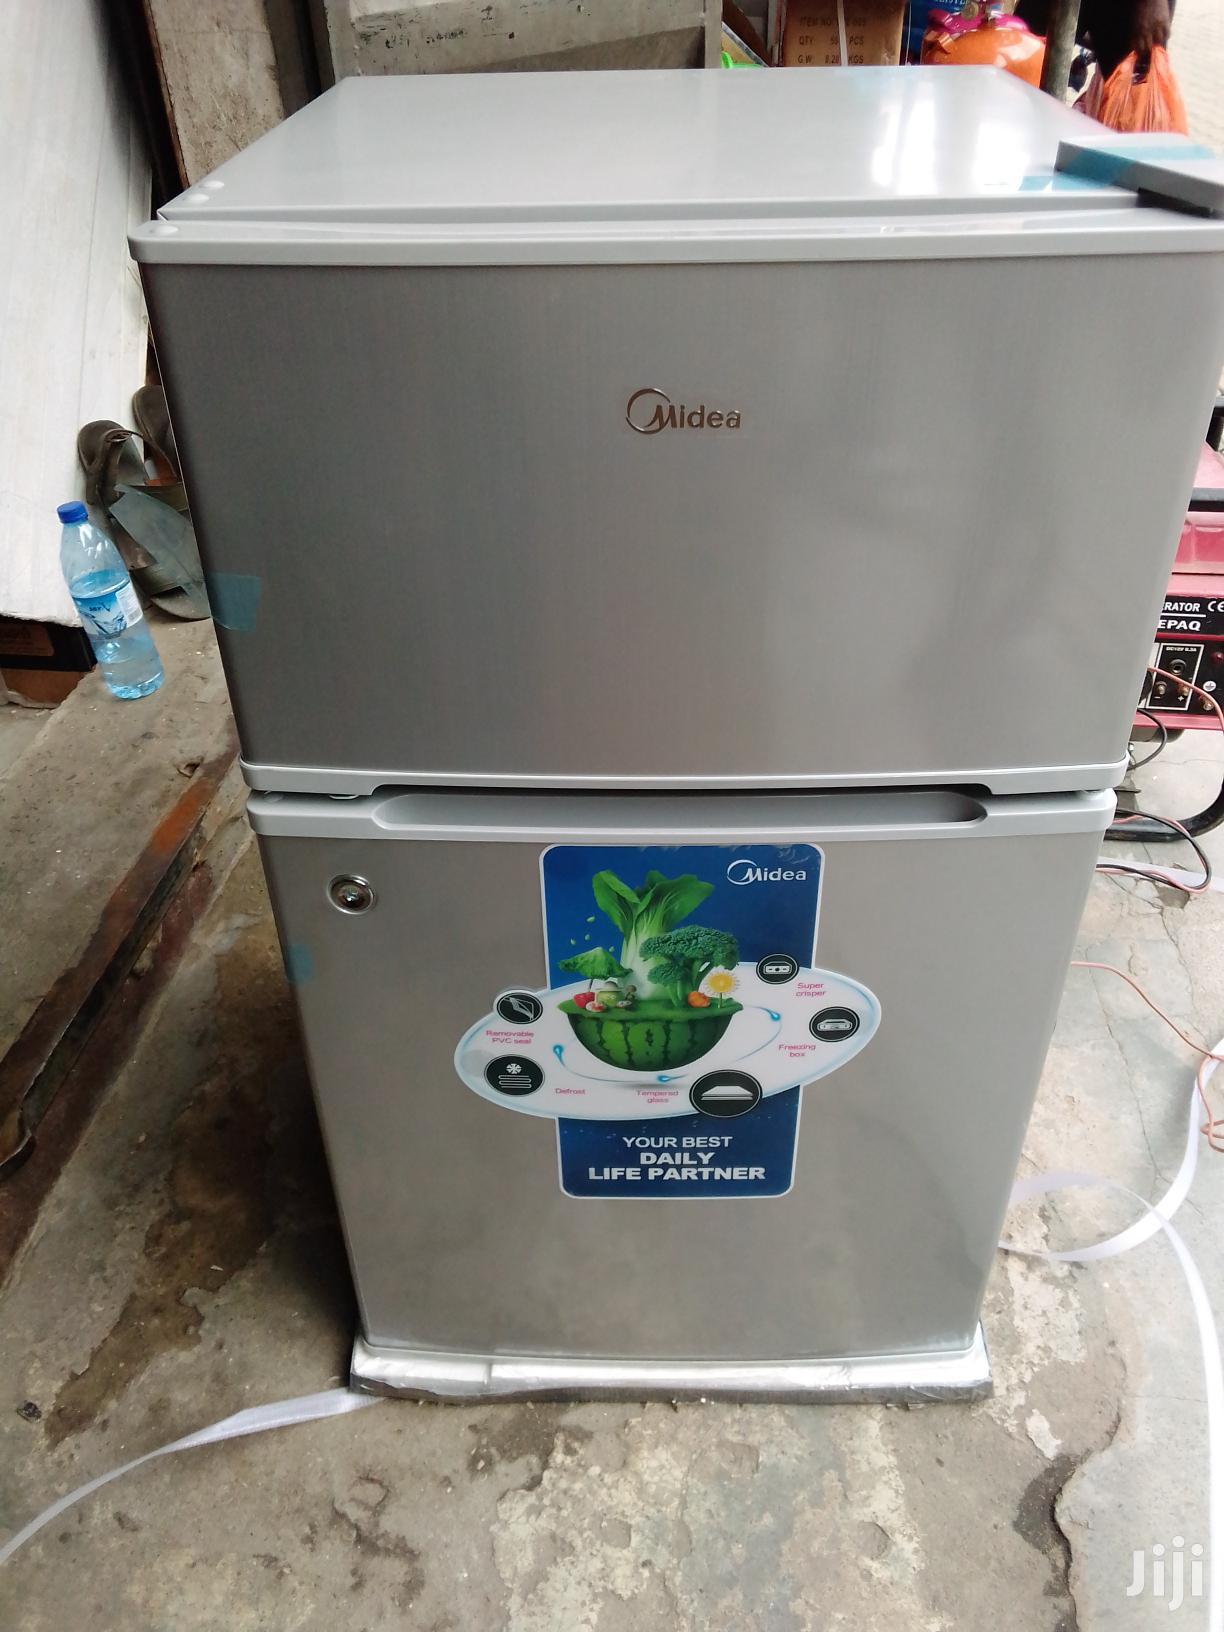 Media Refrigerator